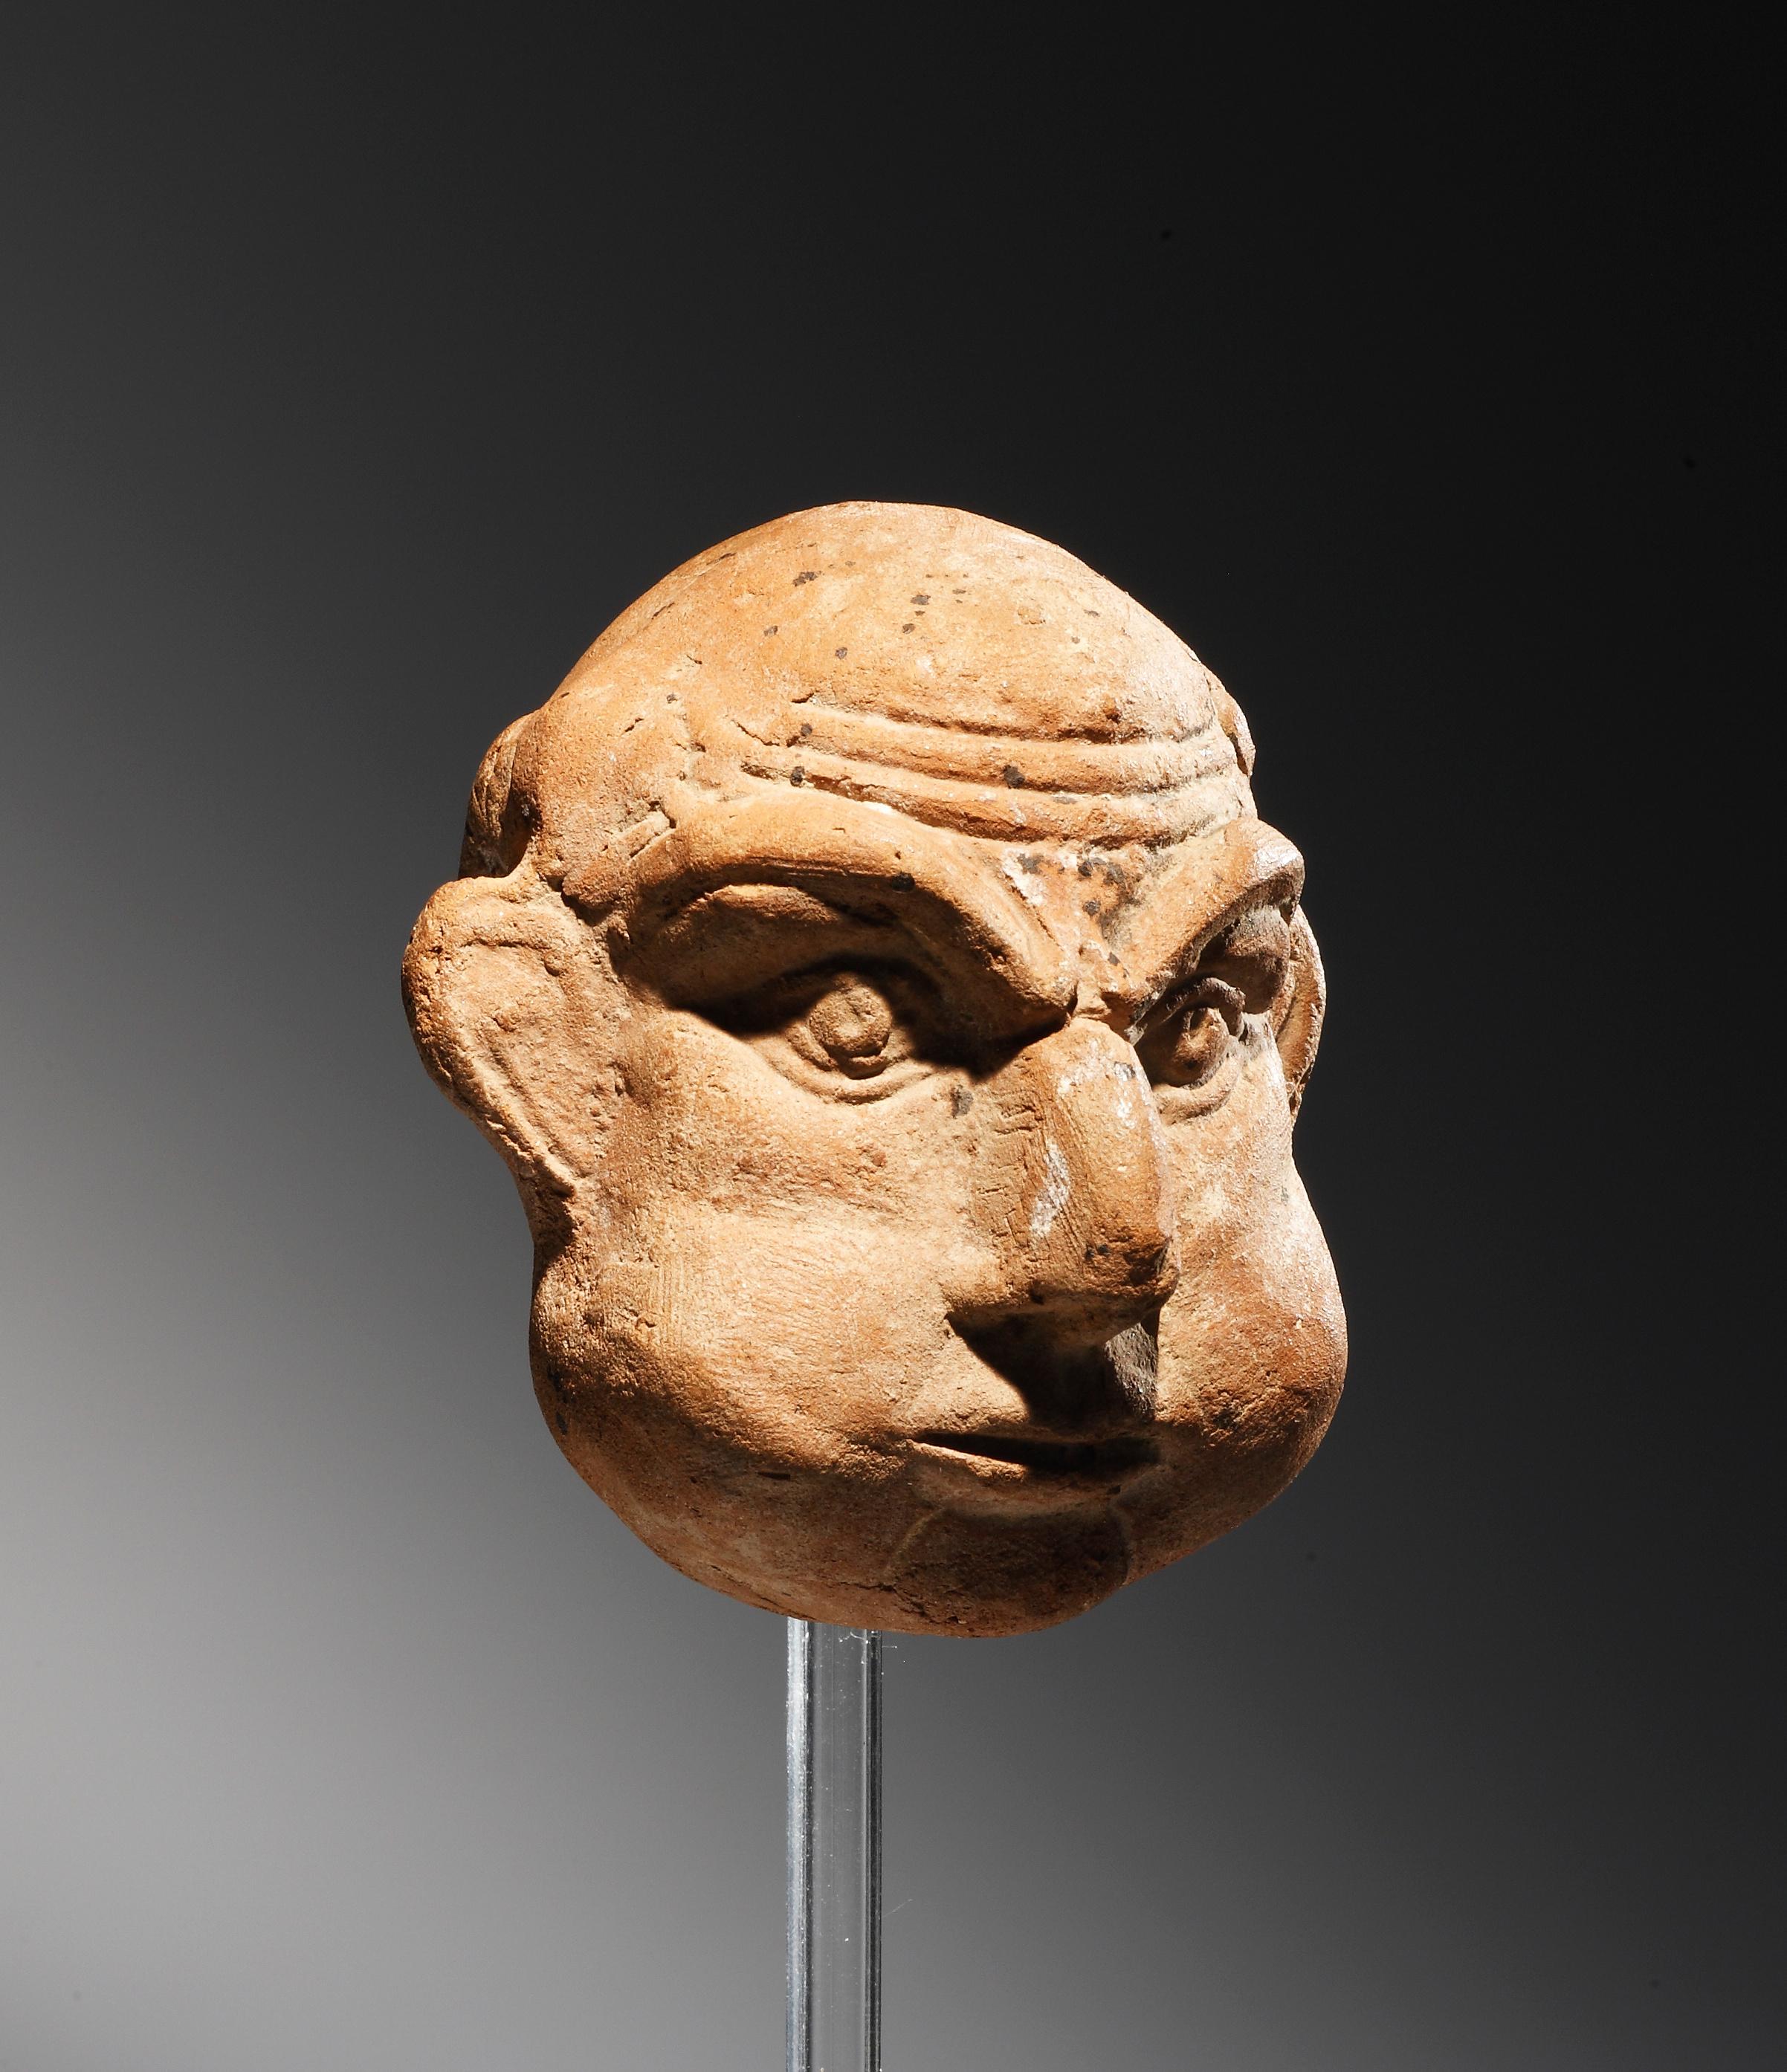 Lot 40 - A Grotesque Head of a Bald Man